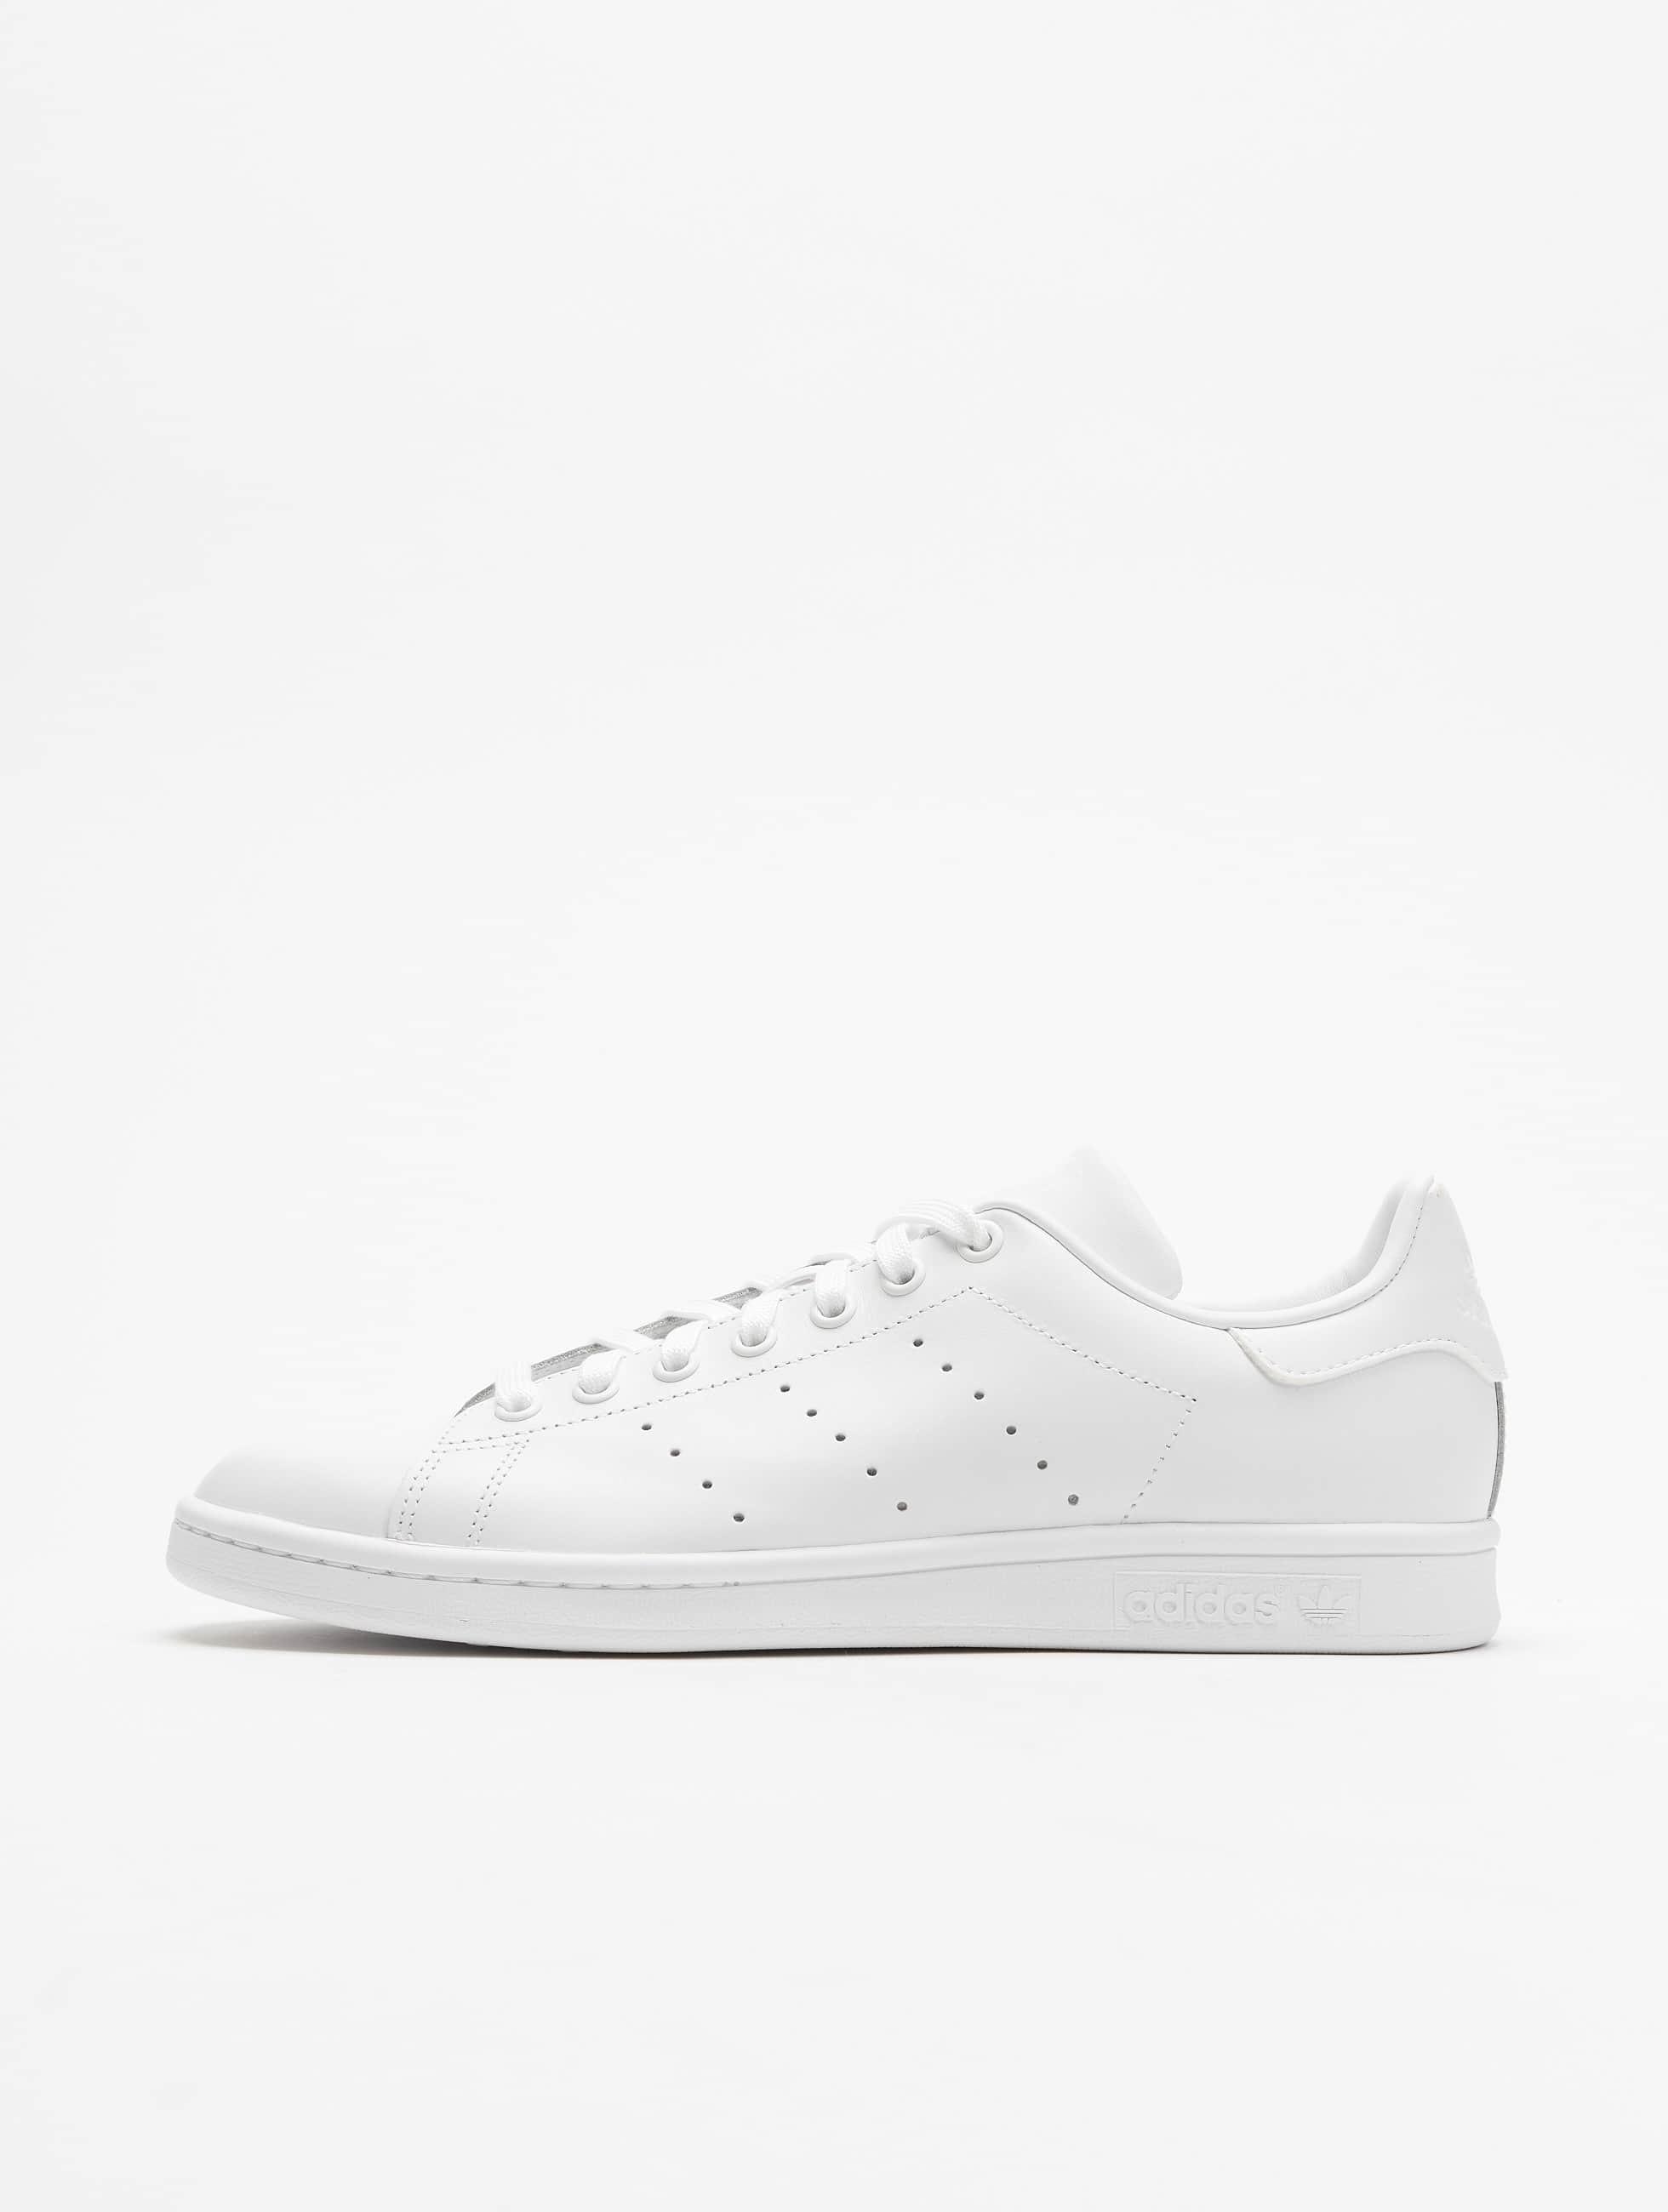 ea7f21ab001a4a Männer aufgepasst: So kombiniert Ihr Eure weißen Sneaker am besten ...